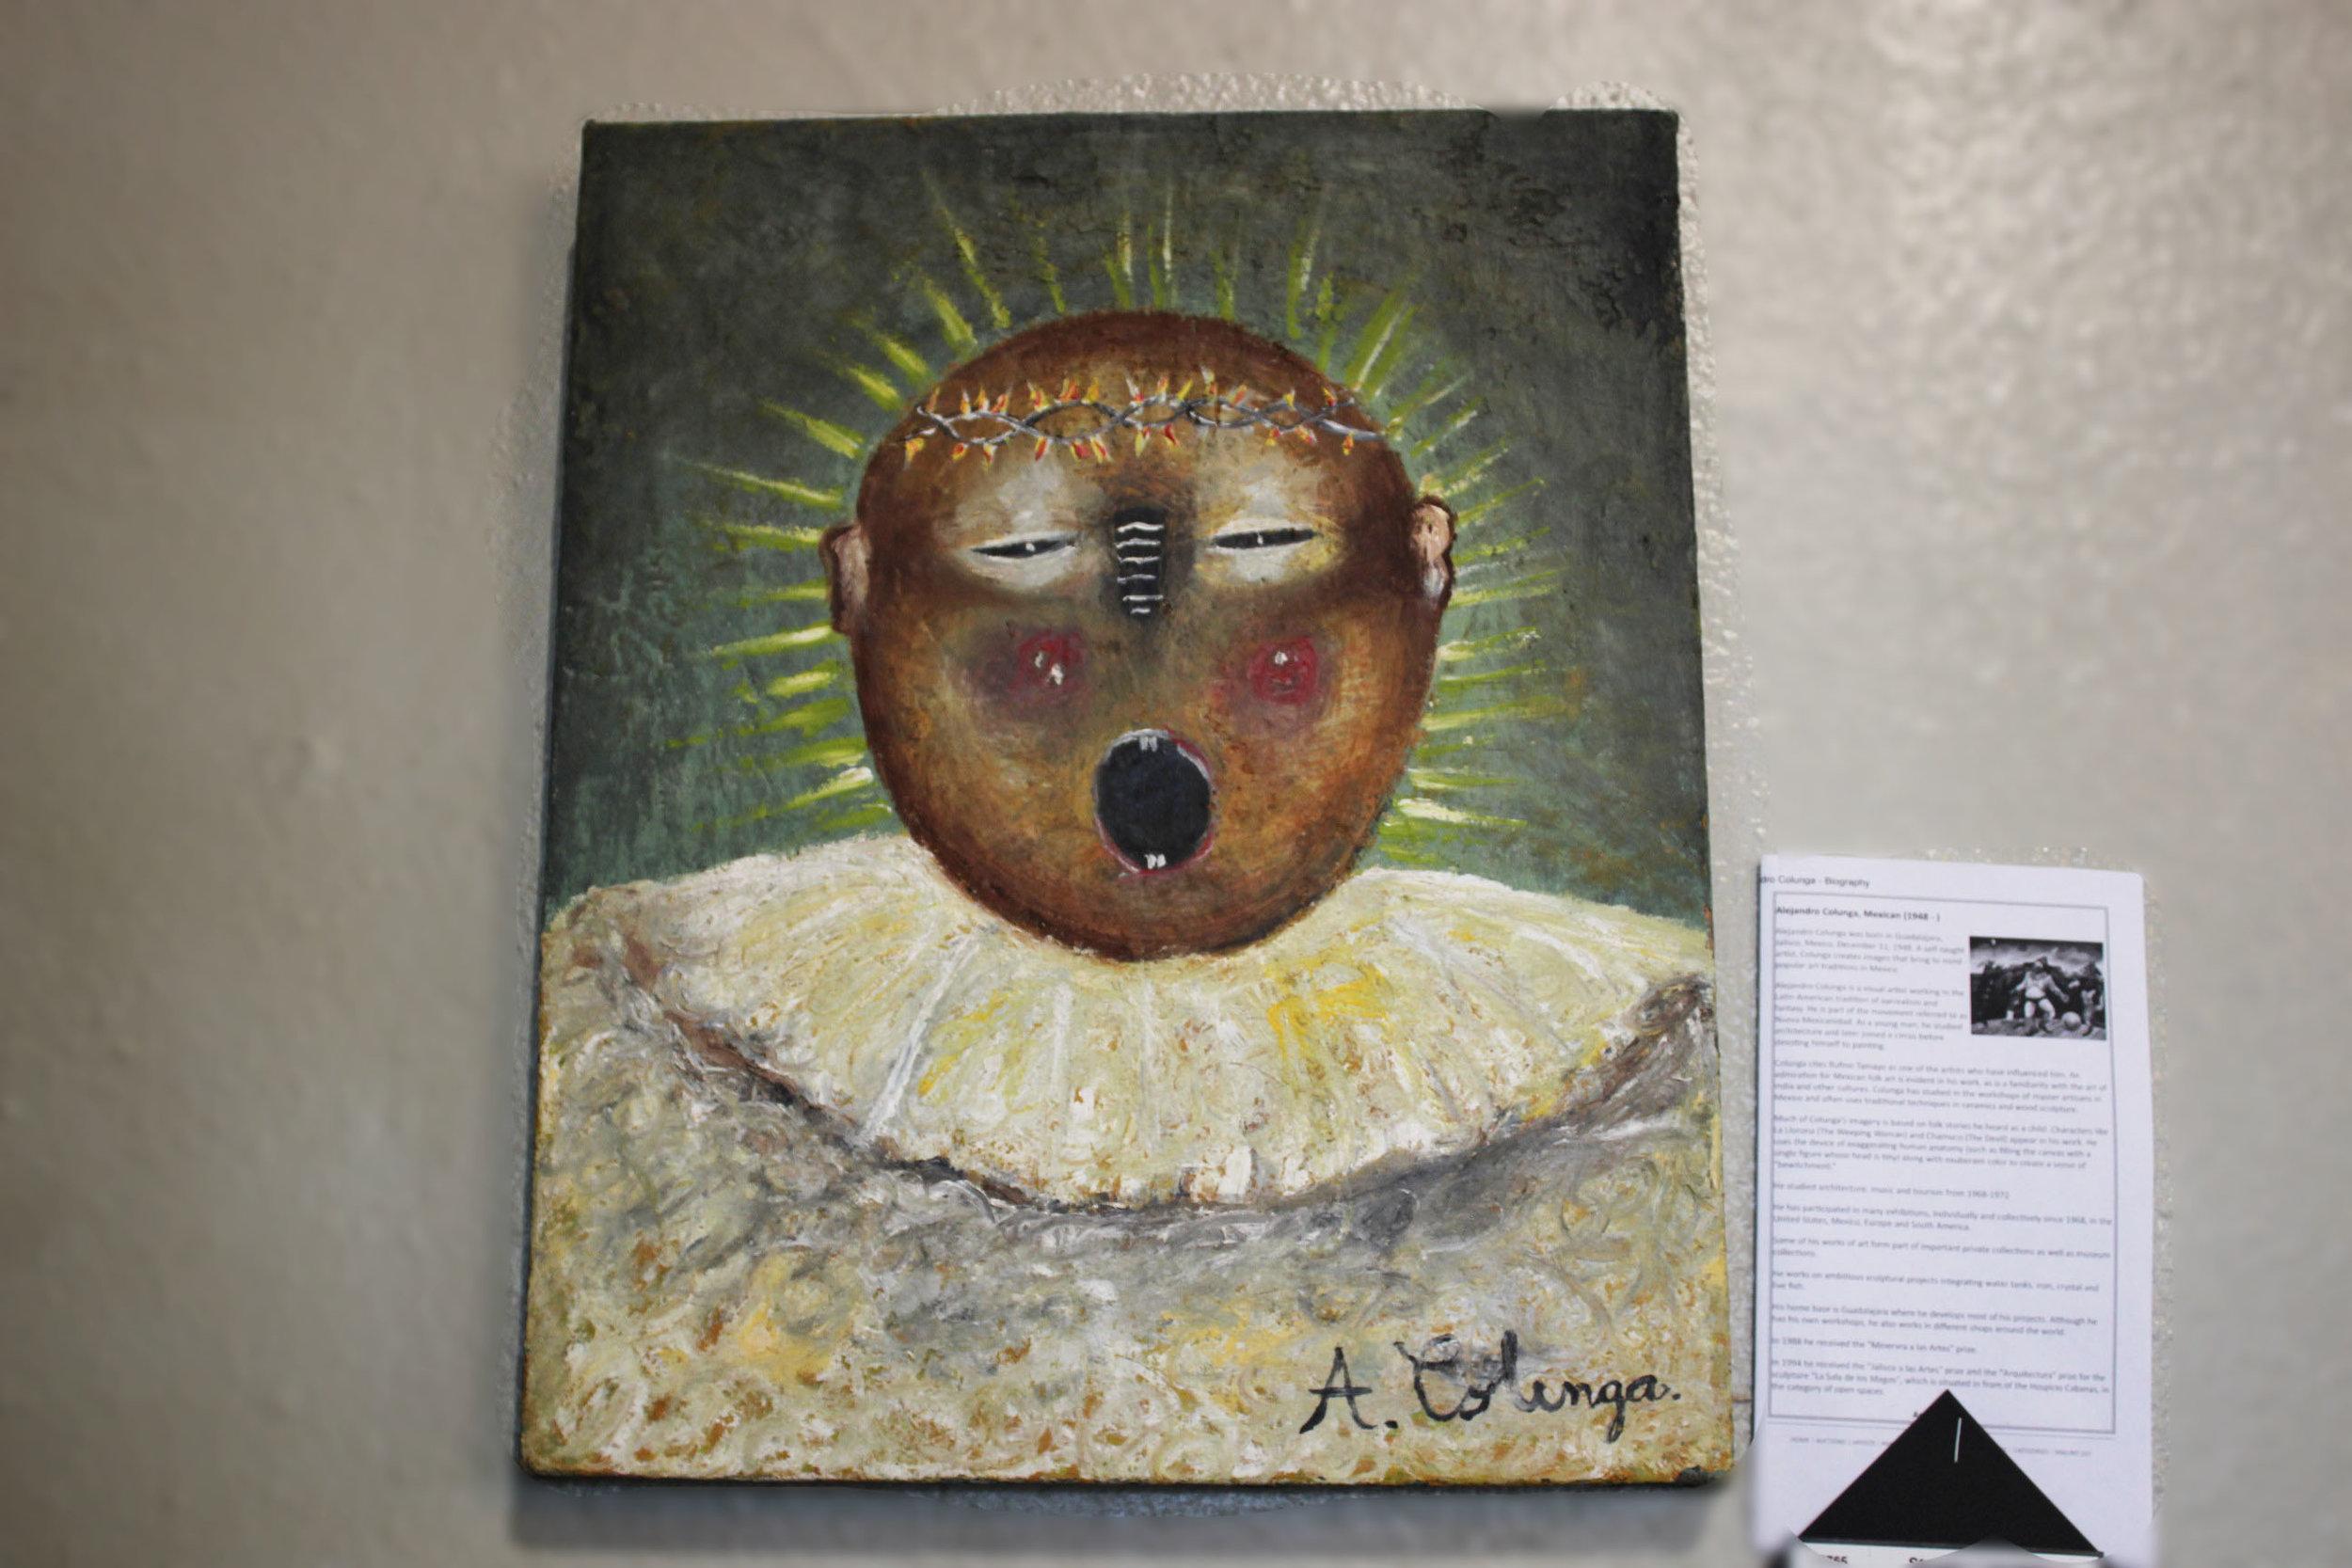 Jesus on Canvas by Alejandro Colunga